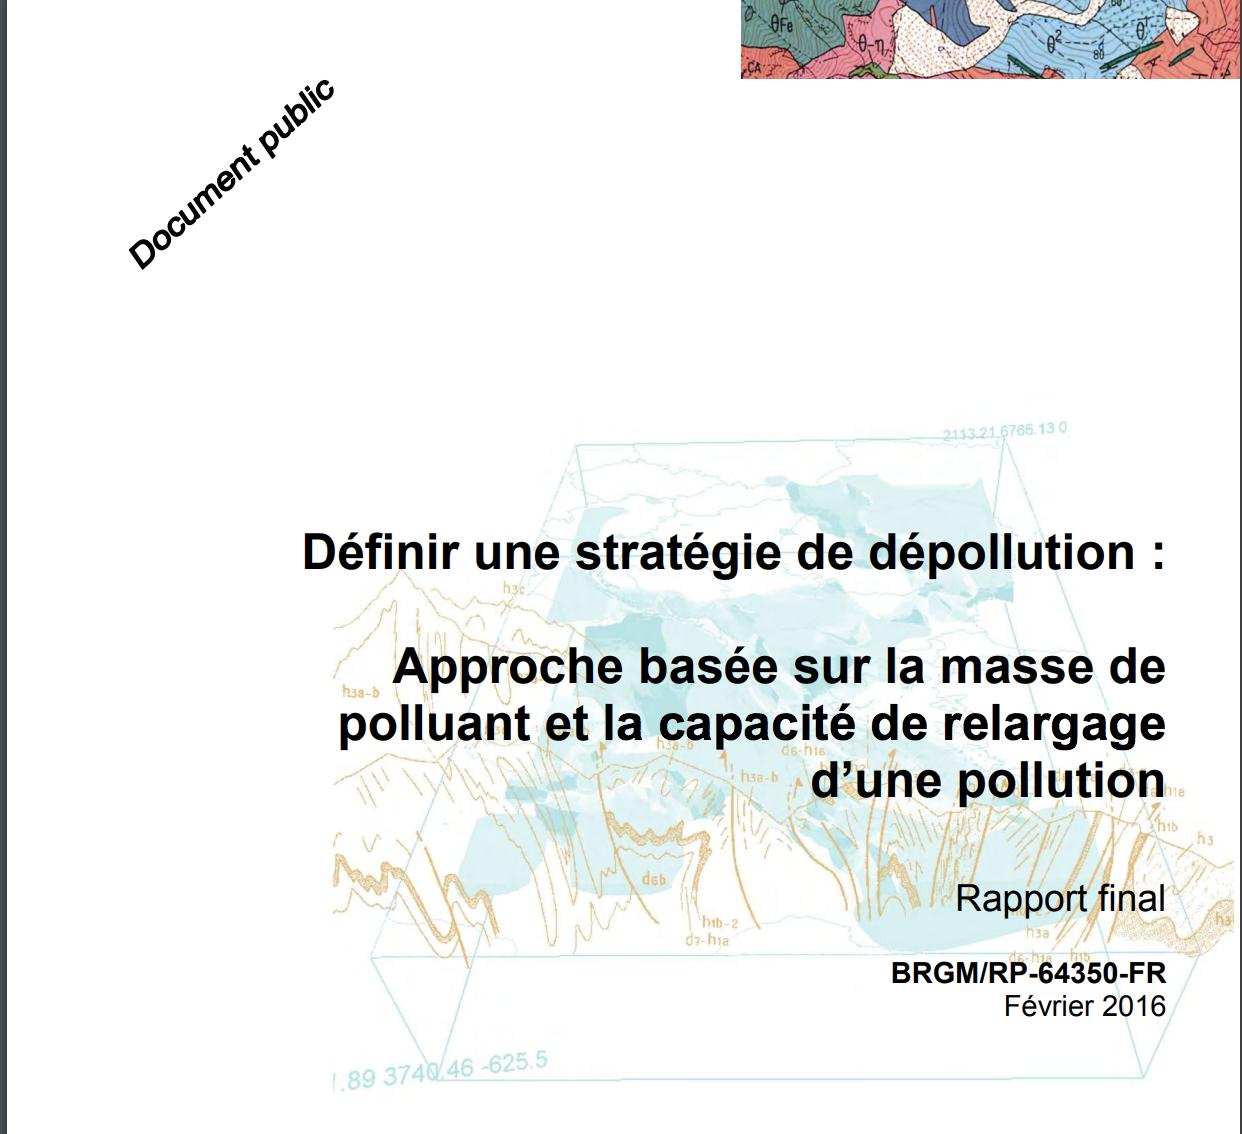 Définir une stratégie de dépollution - approche basée sur la masse de polluant et la capacité de relargage d'une pollution - BRGM - 2016